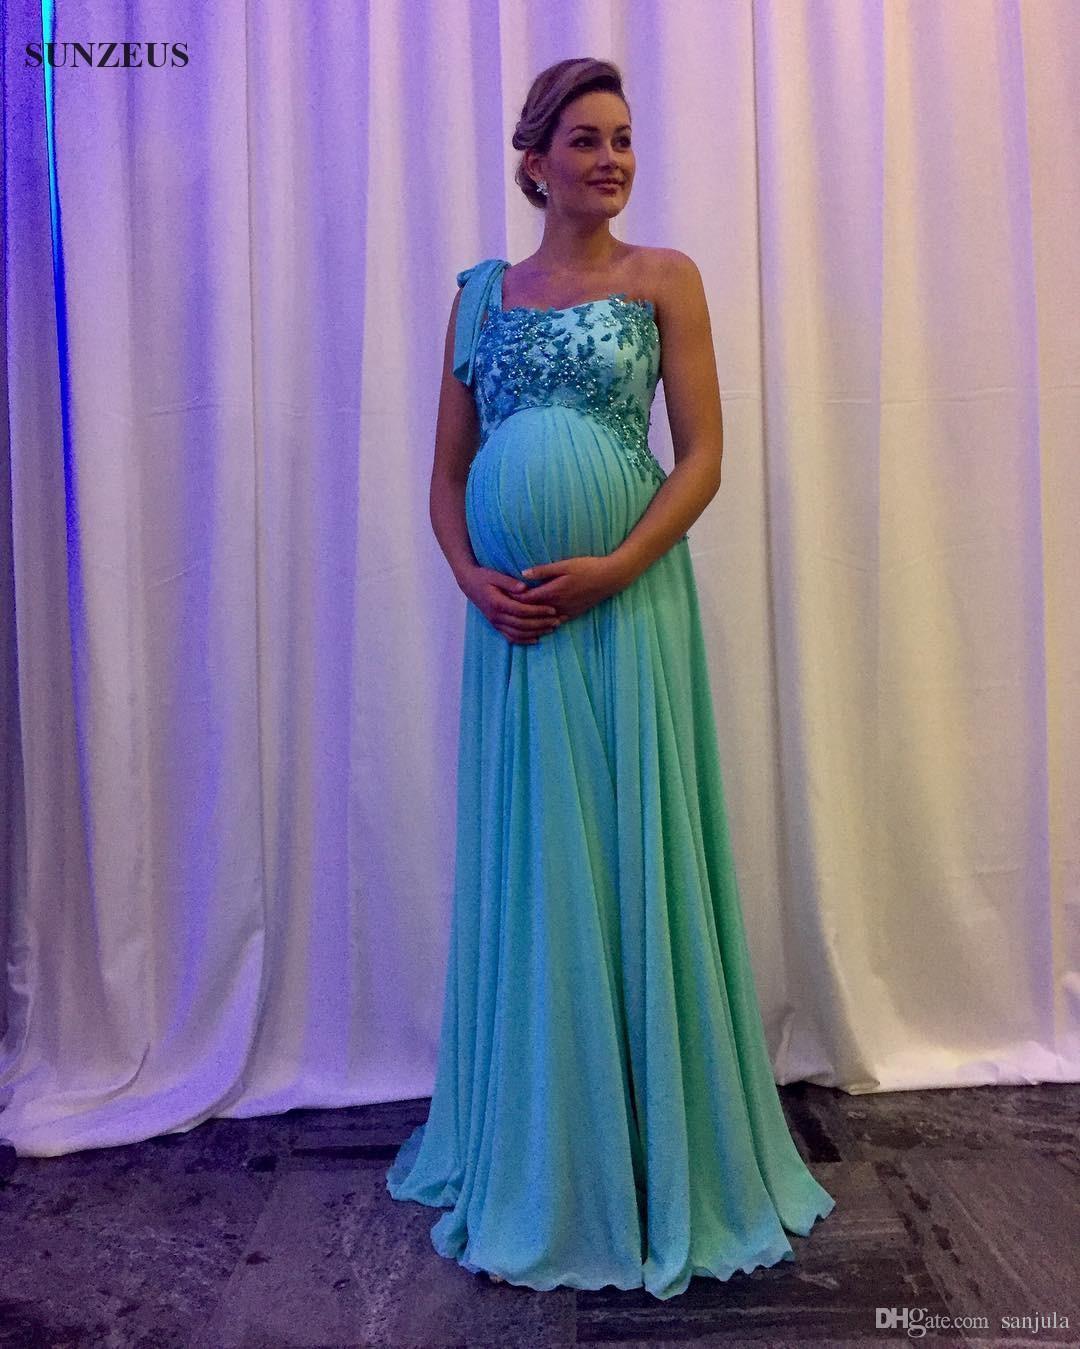 Eleganti abiti da cerimonia di maternità Impero Abiti da sera a spalla  Incinta in chiffon lungo blu Abito formale con applicazioni di perline ... bfb532e1550